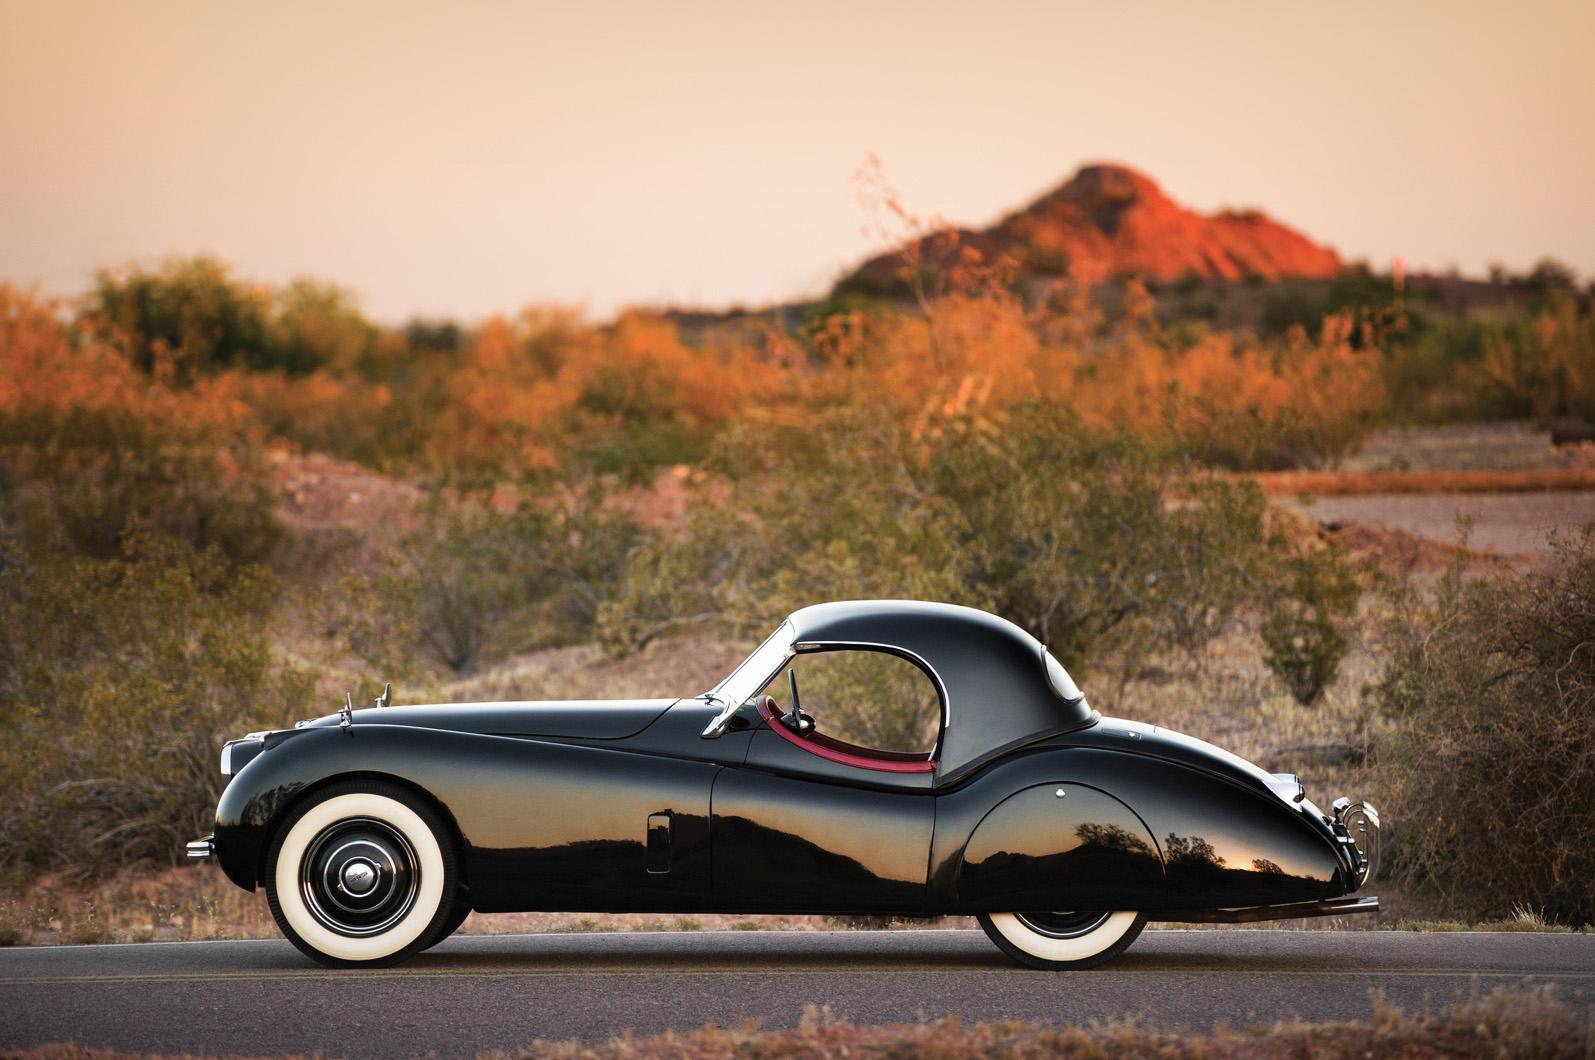 At RM Auctions, 1954 Jaguar XK120 Roadster (image courtesy of RM Auctions/Patrick Emzen)